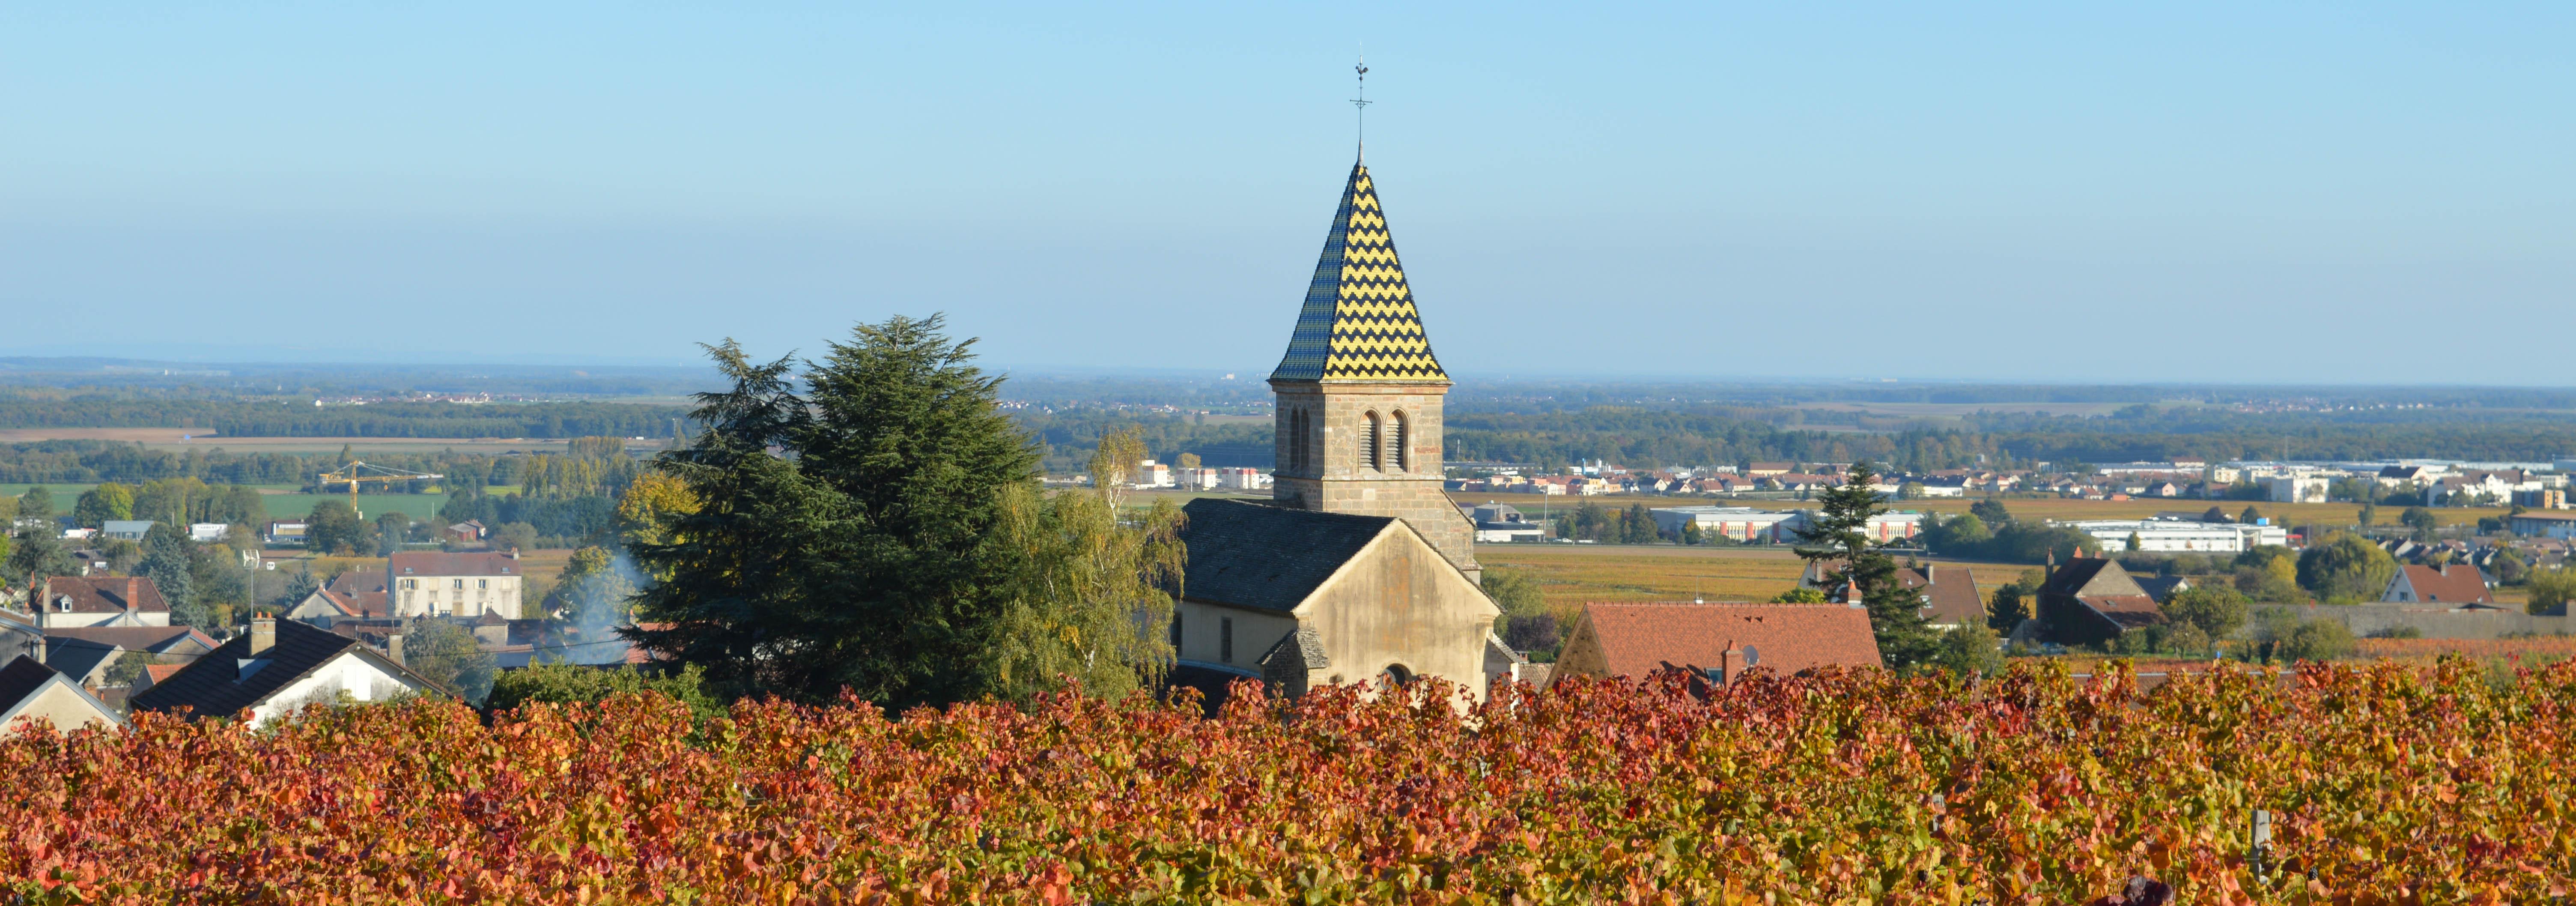 Communauté de communes de Gevrey-Chambertin et de Nuits-Saint-Georges